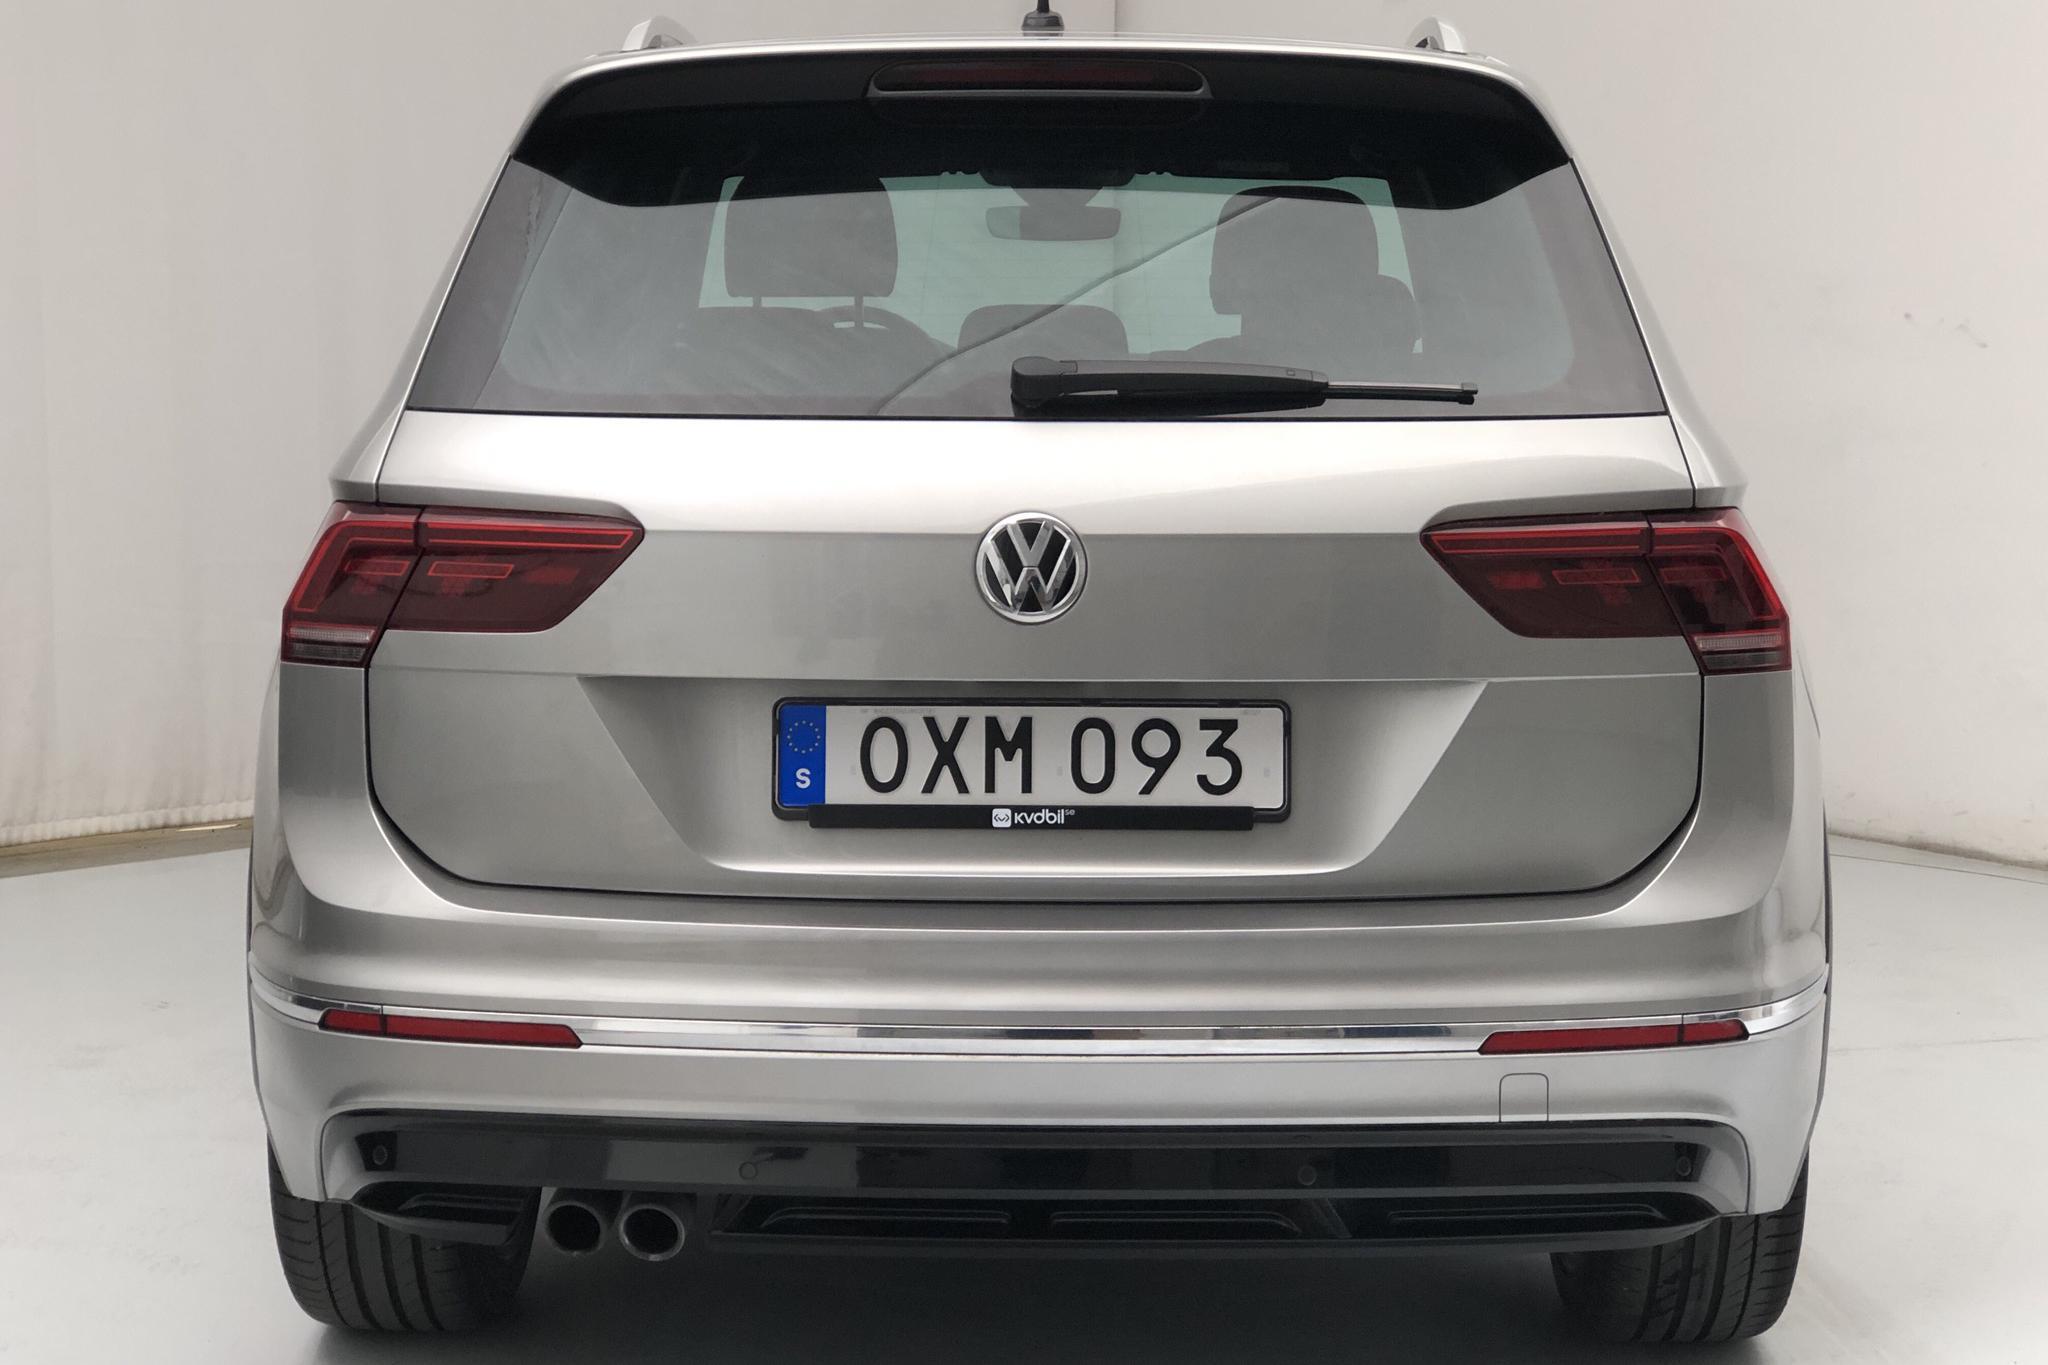 VW Tiguan 2.0 TDI 4MOTION (190hk) - 96 590 km - Automatic - silver - 2018